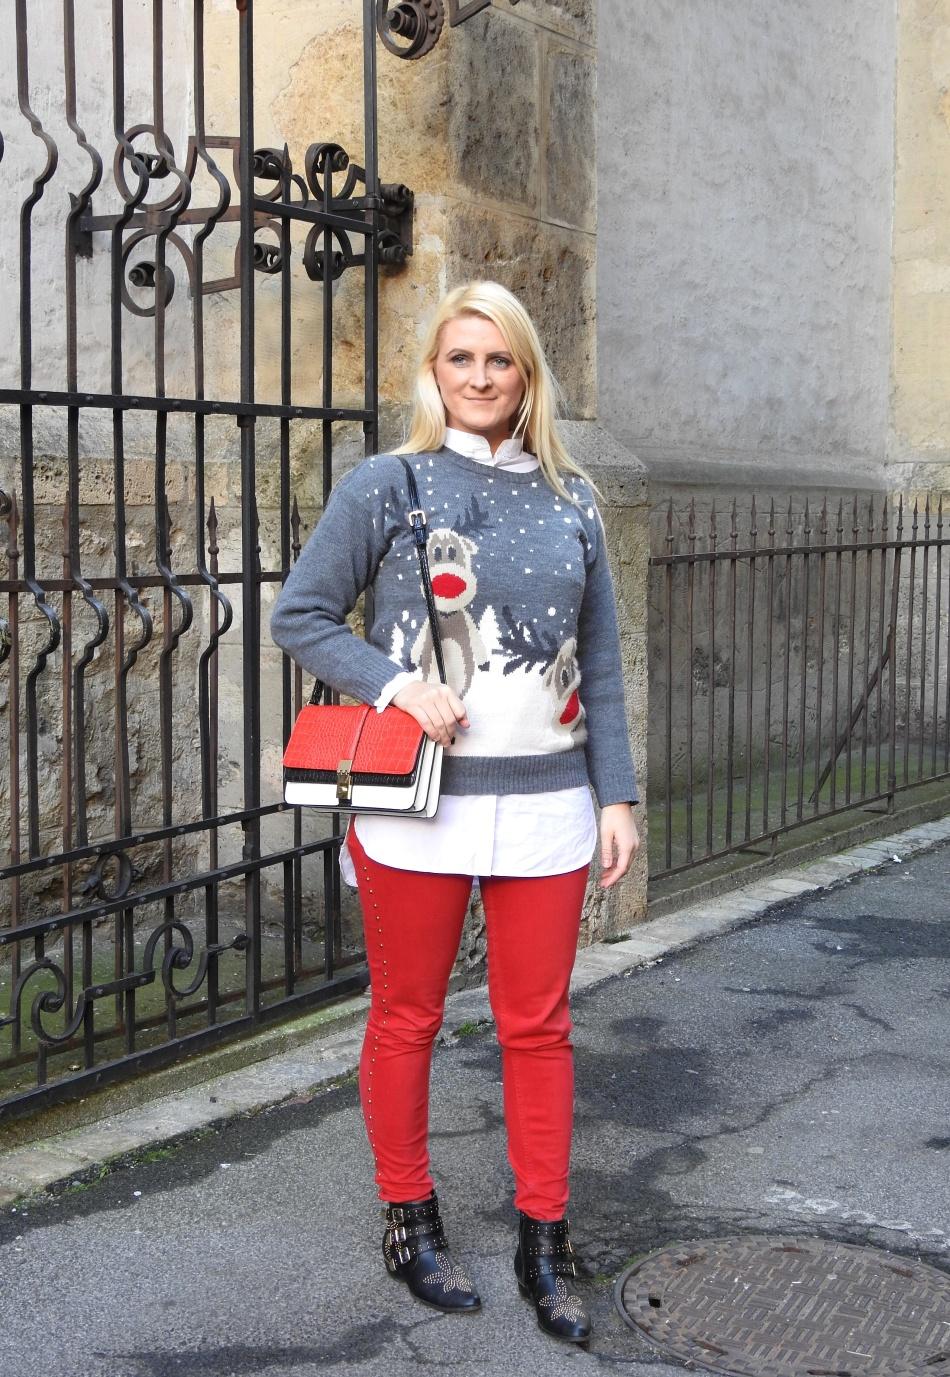 Christmas-Sweater-Red-Pants-Chloe-Boots-Winterlook-carrieslifestyle-Tamara-Prutsch